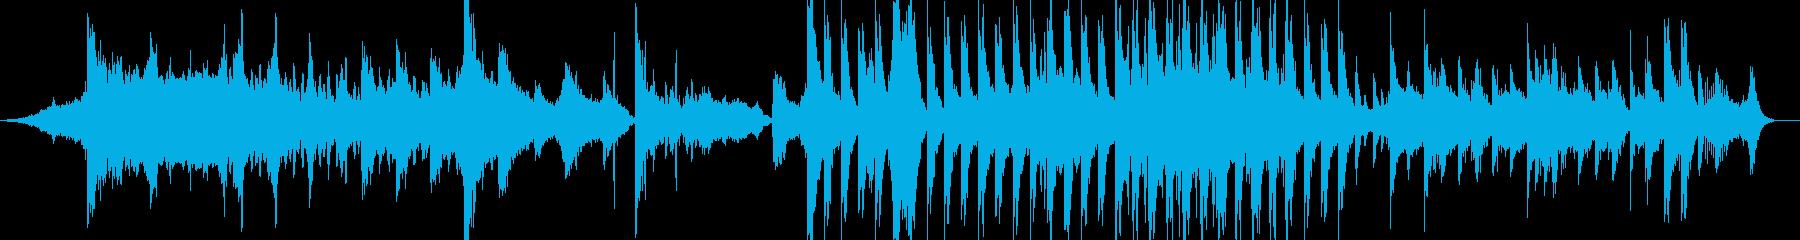 インストゥルメンタル、クラシックポ...の再生済みの波形